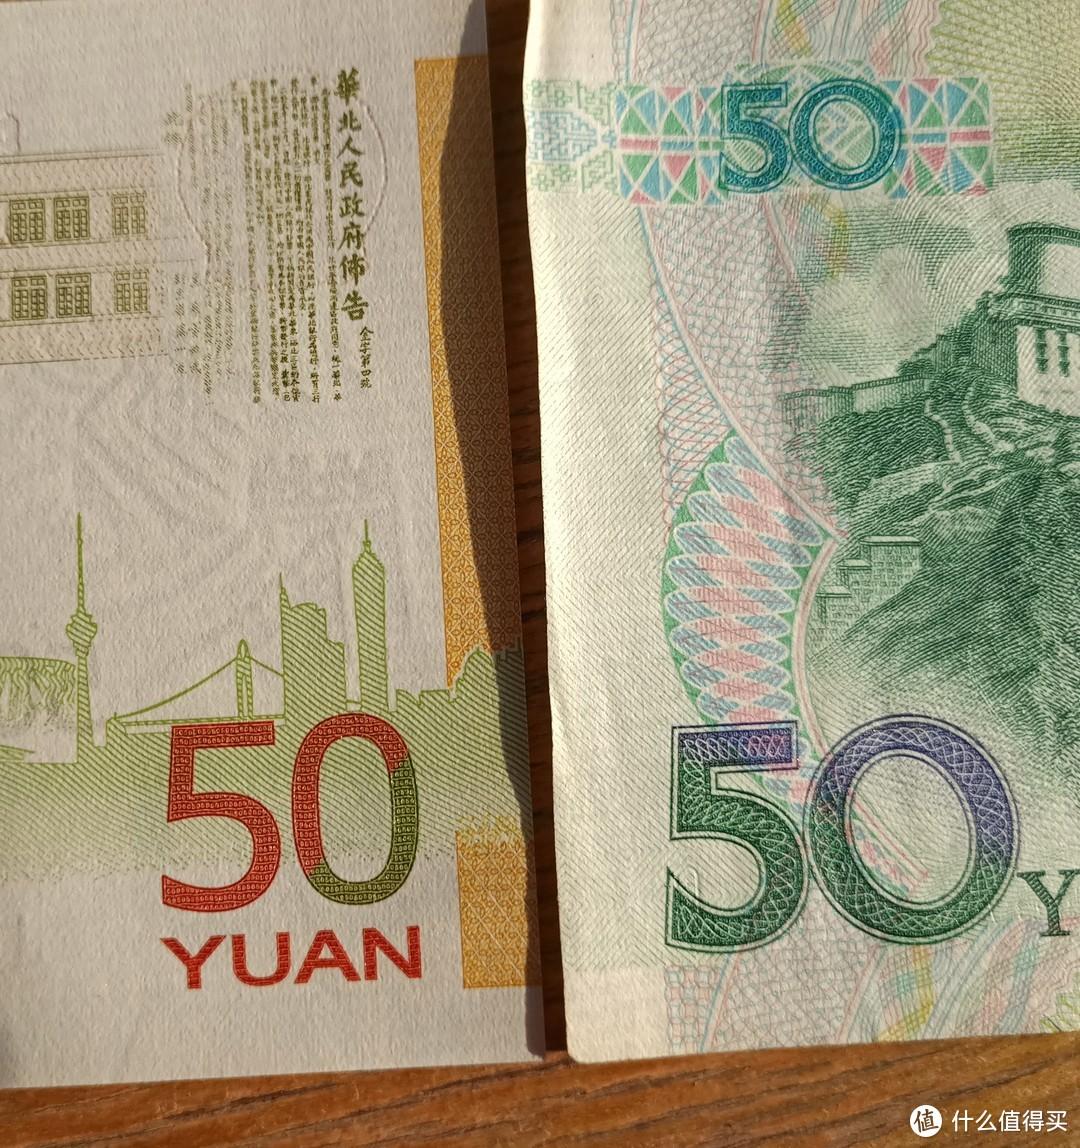 """纪念币""""50""""字样更有立体感,用手实际摸上去也是这样的感受,50字样稍稍突出于纸币平面,使得用手能感受到"""